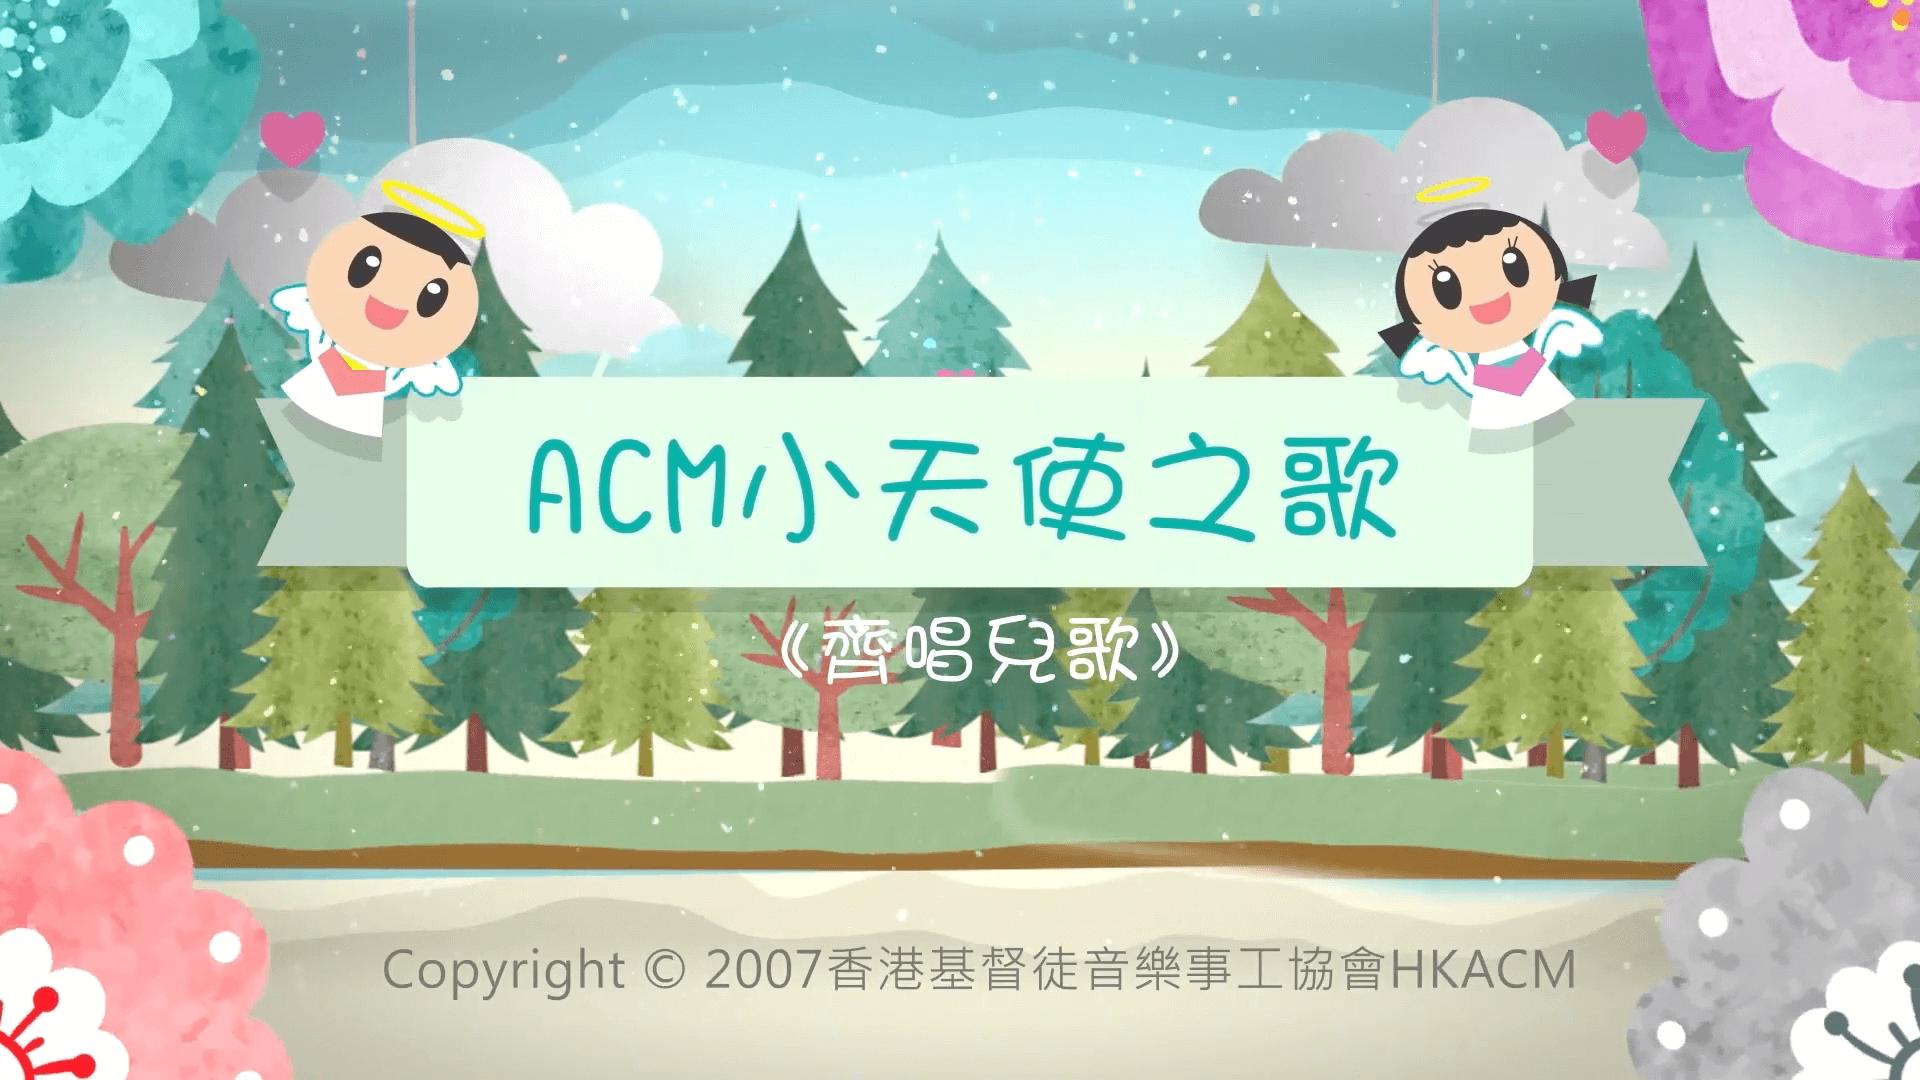 HKACM